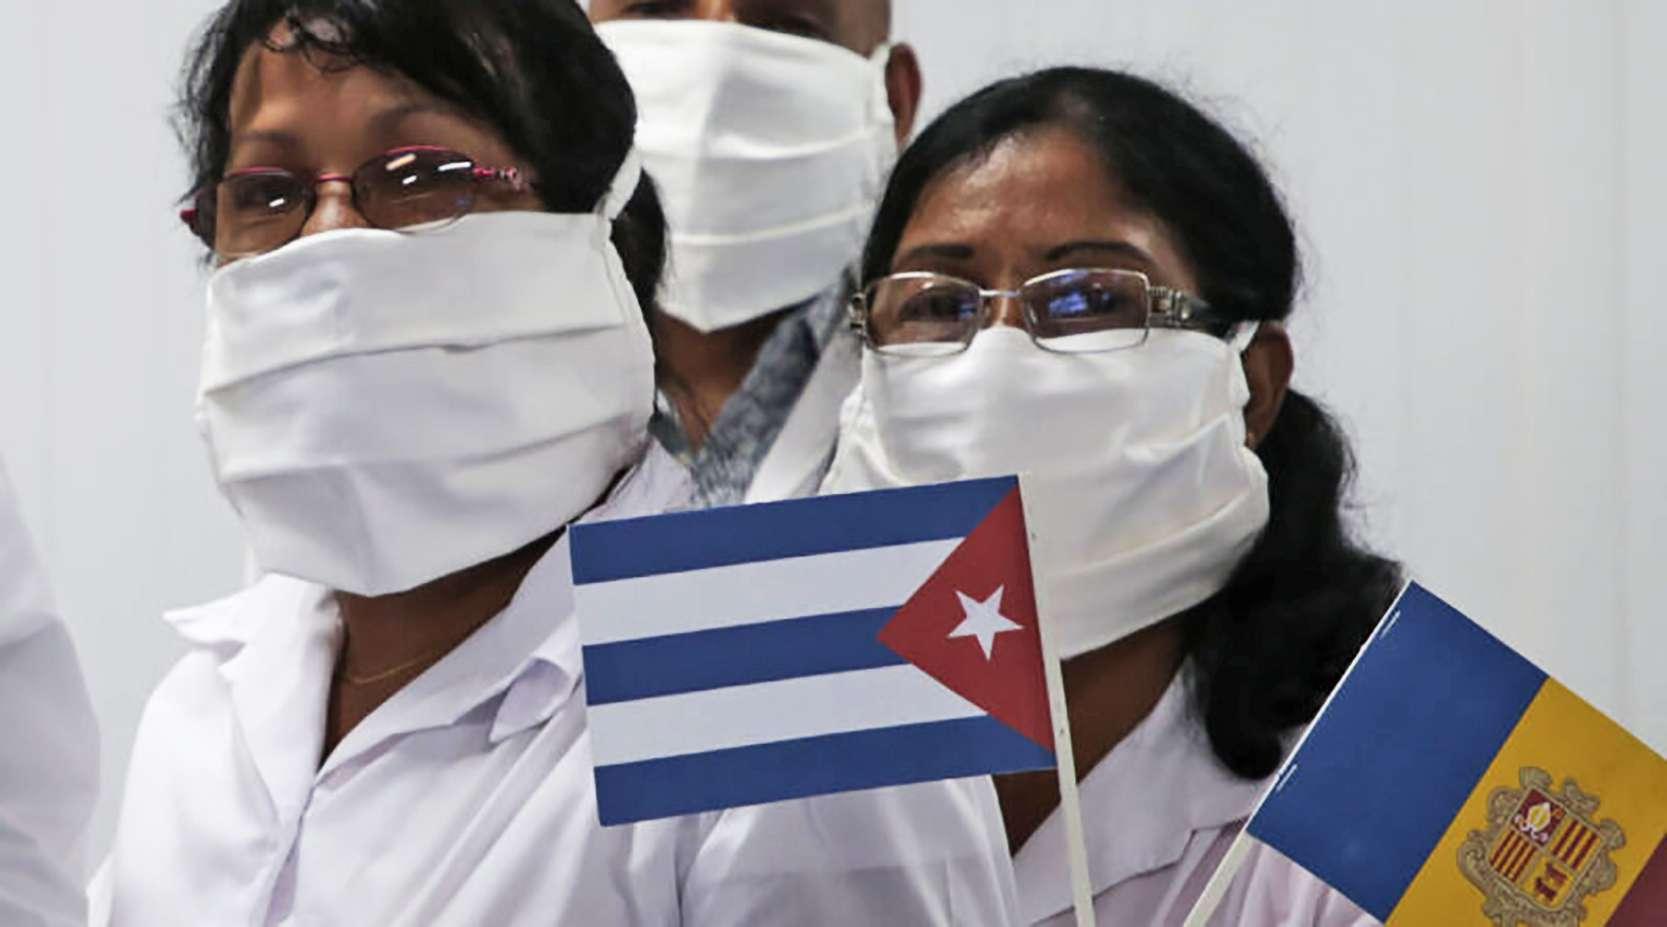 Η Κουβανέζικη ιατρική διεθνιστική βοήθεια κλείνει έξι δεκαετίες